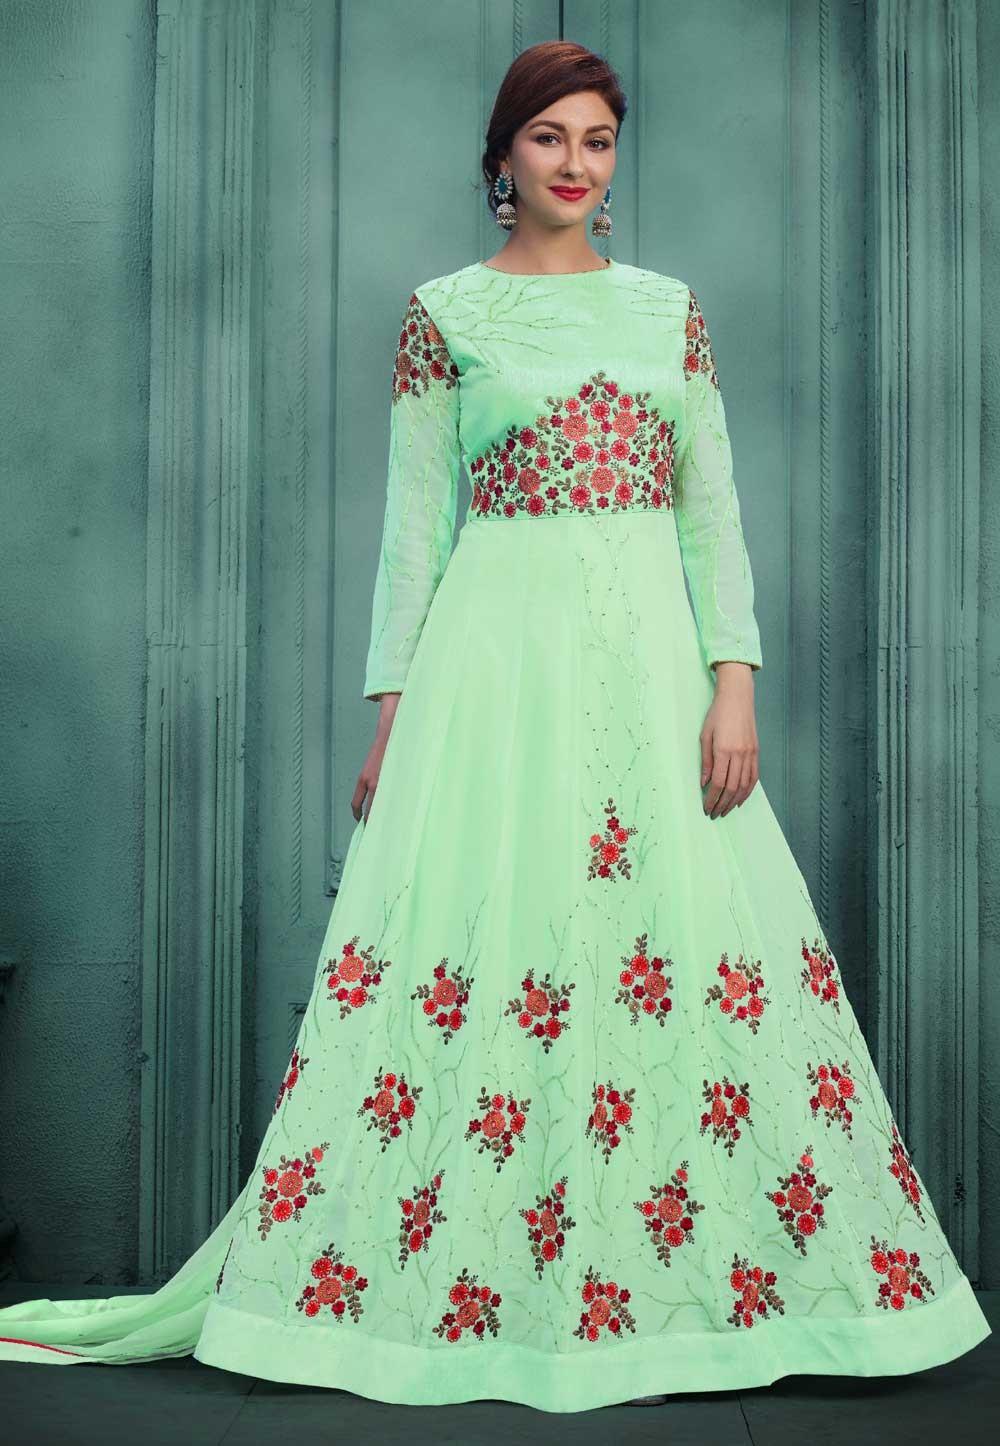 Attractive Looking Green Color Designer Salwar Kameez